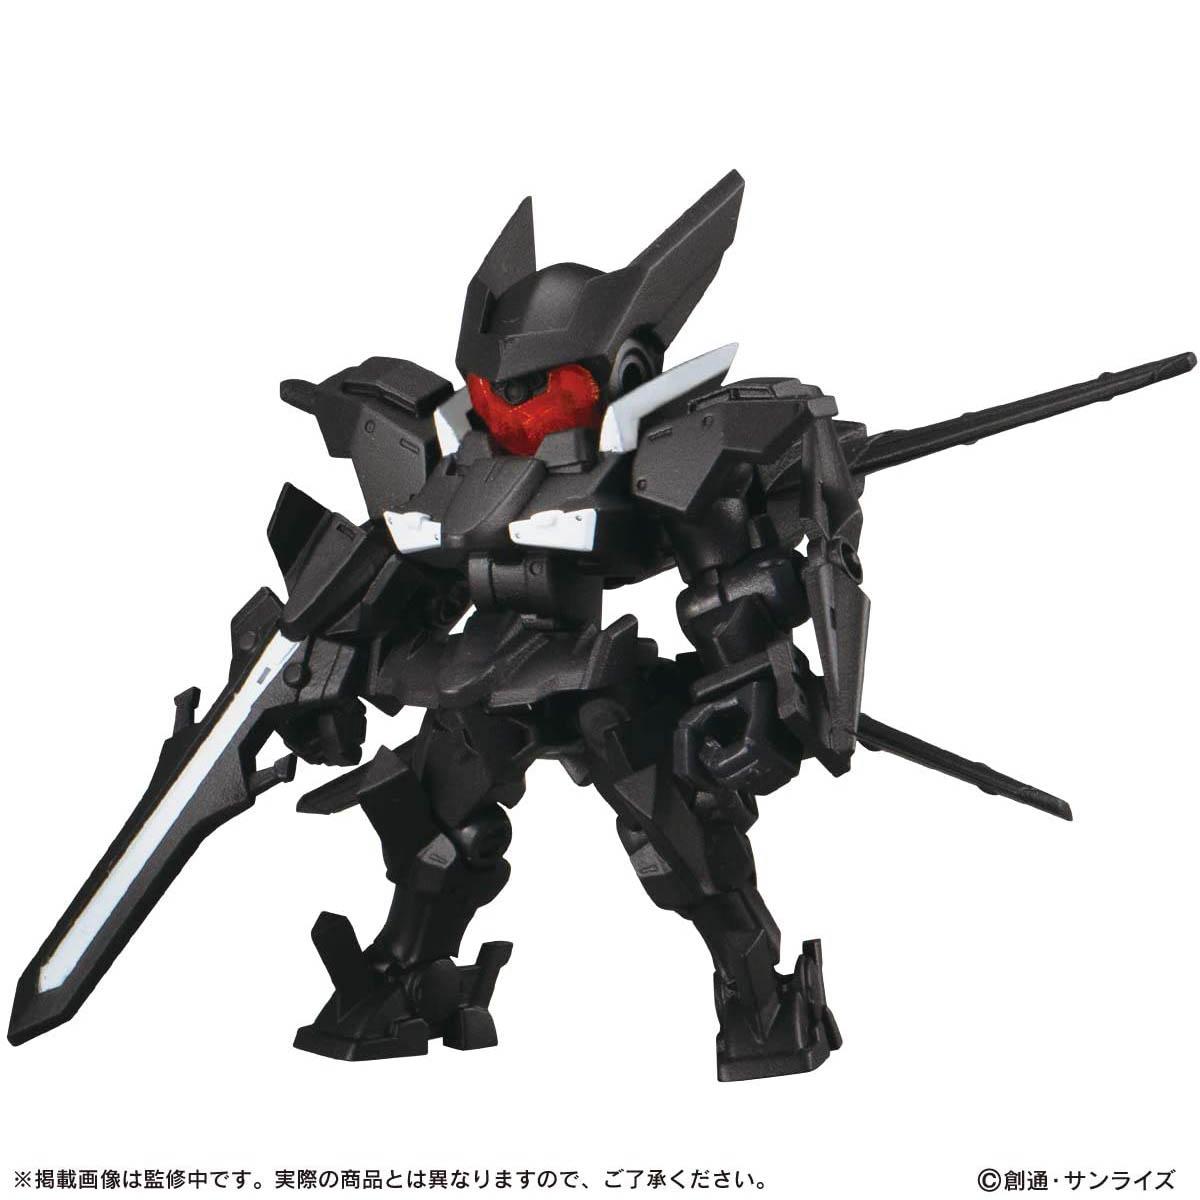 機動戦士ガンダム『MOBILE SUIT ENSEMBLE16』デフォルメ可動フィギュア 10個入りBOX-003